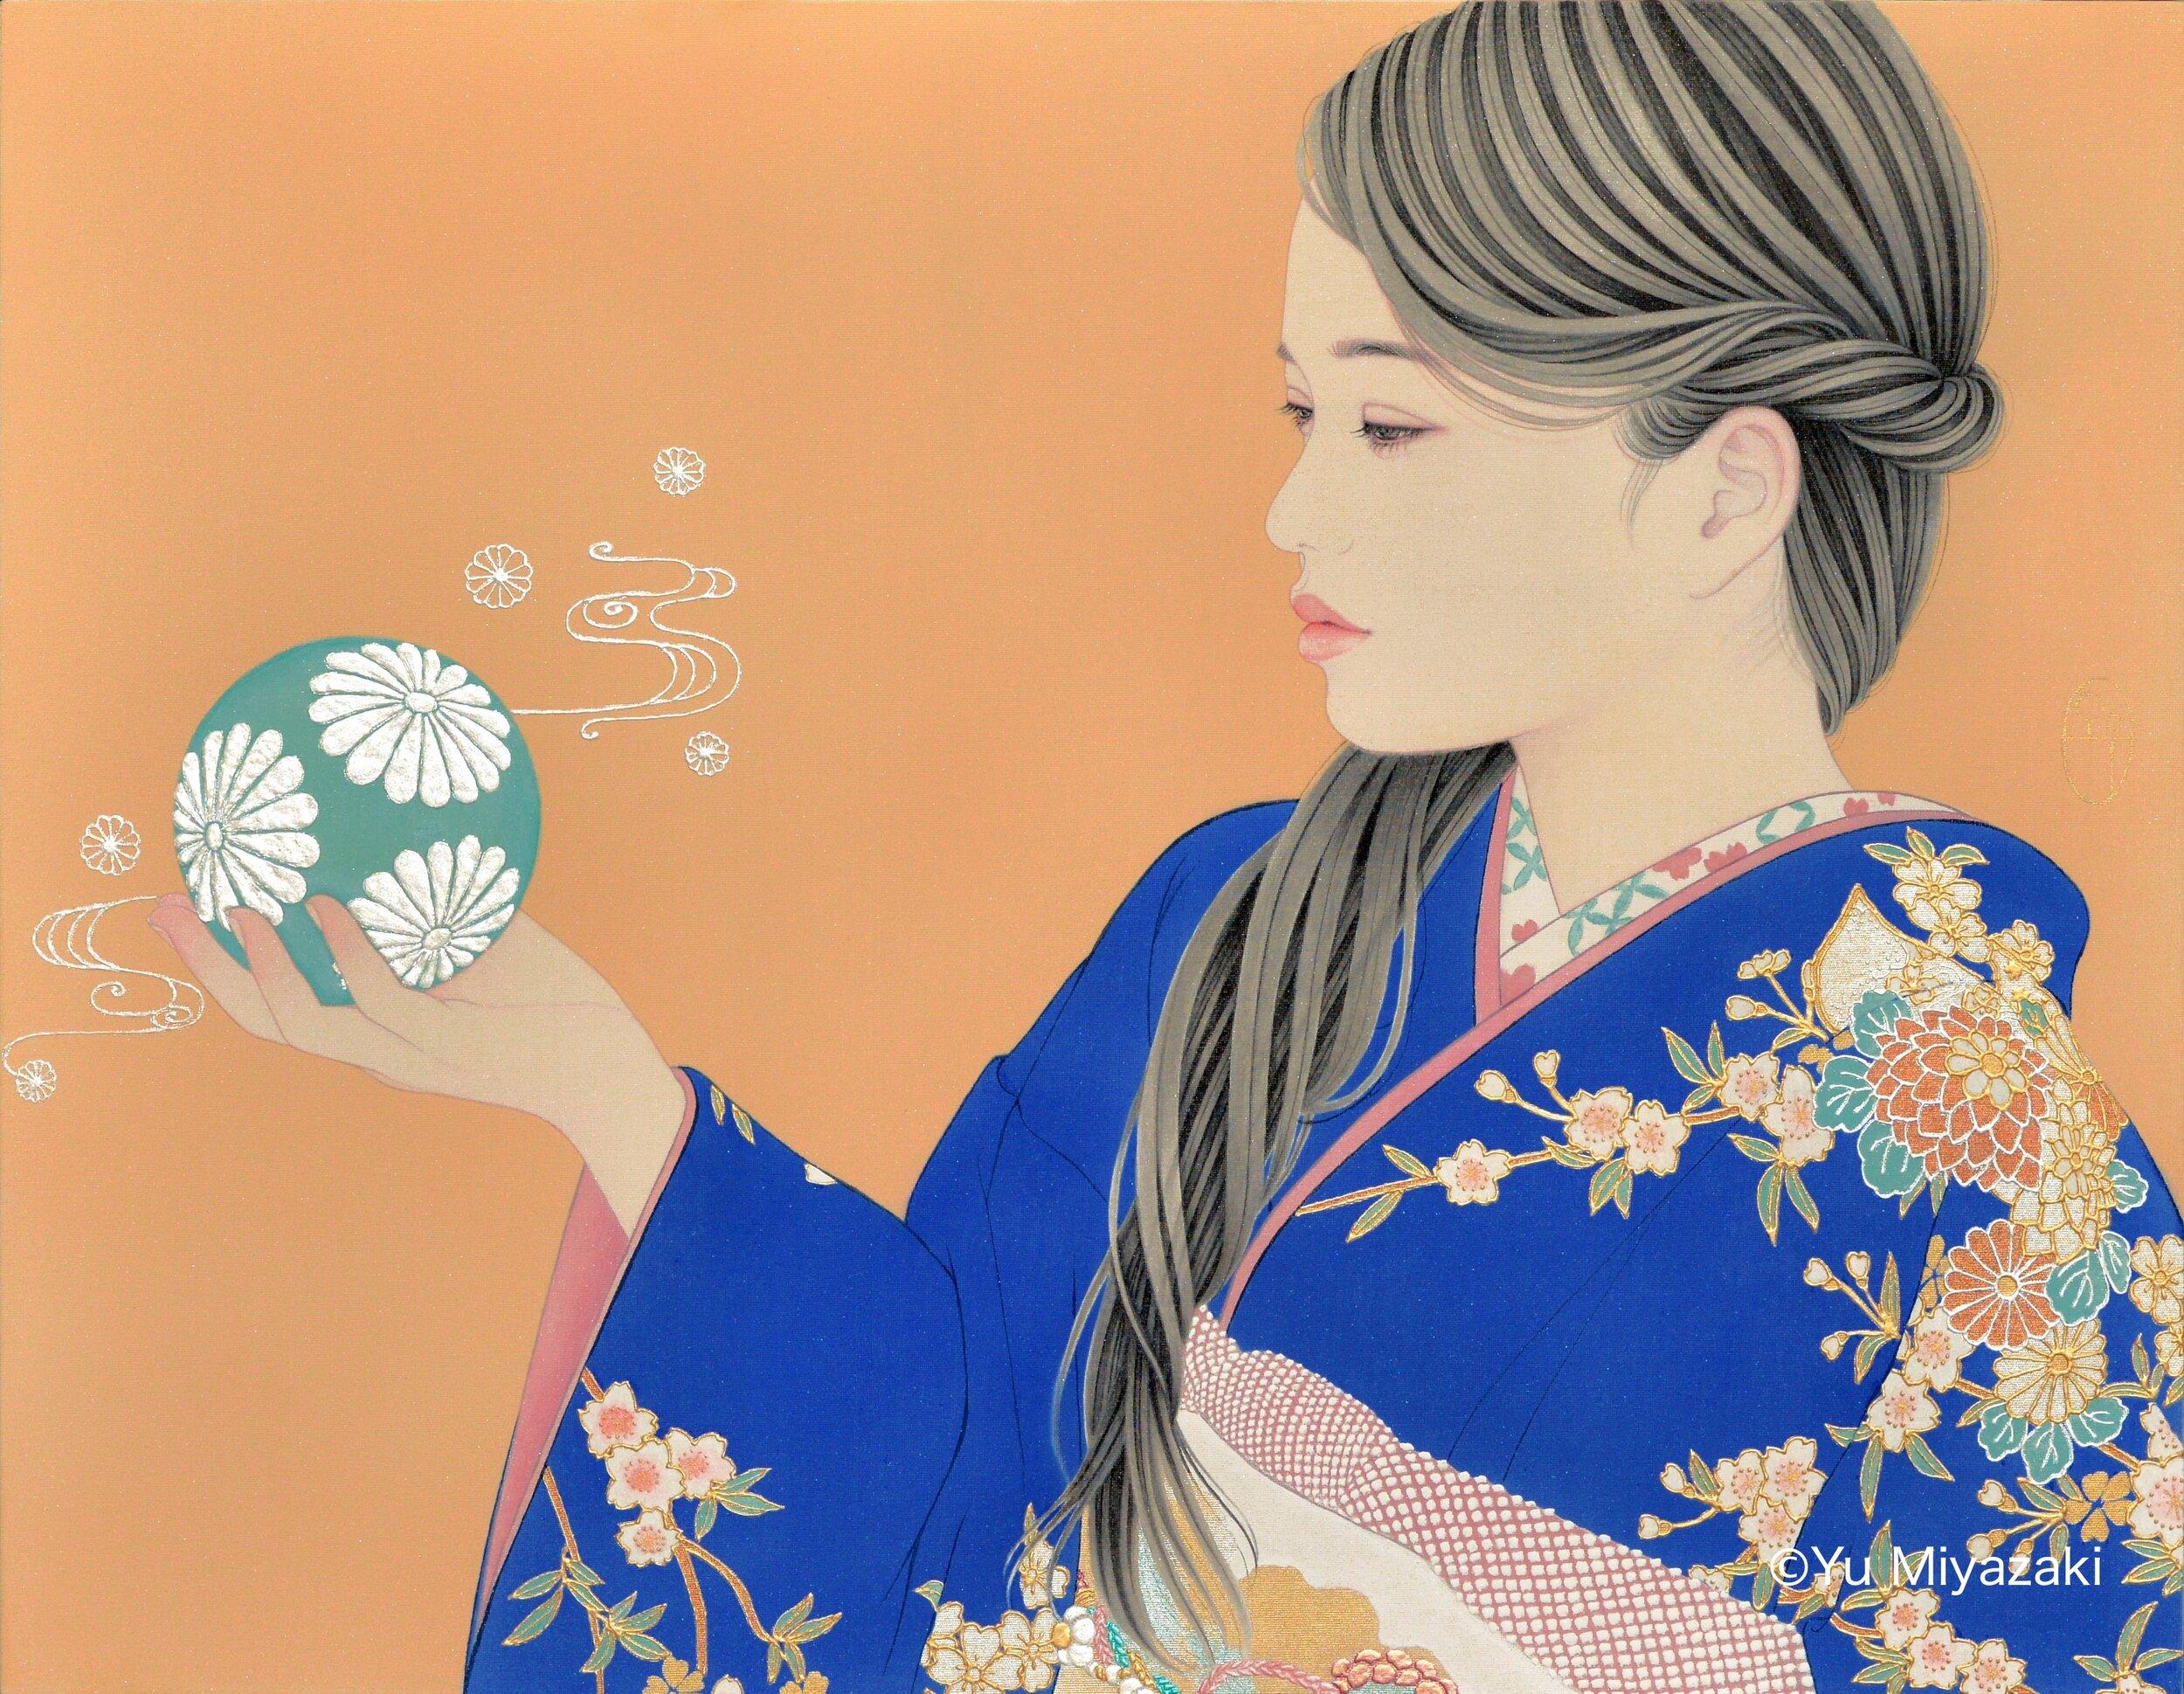 Yu Miyazaki_A temari ball.jpg